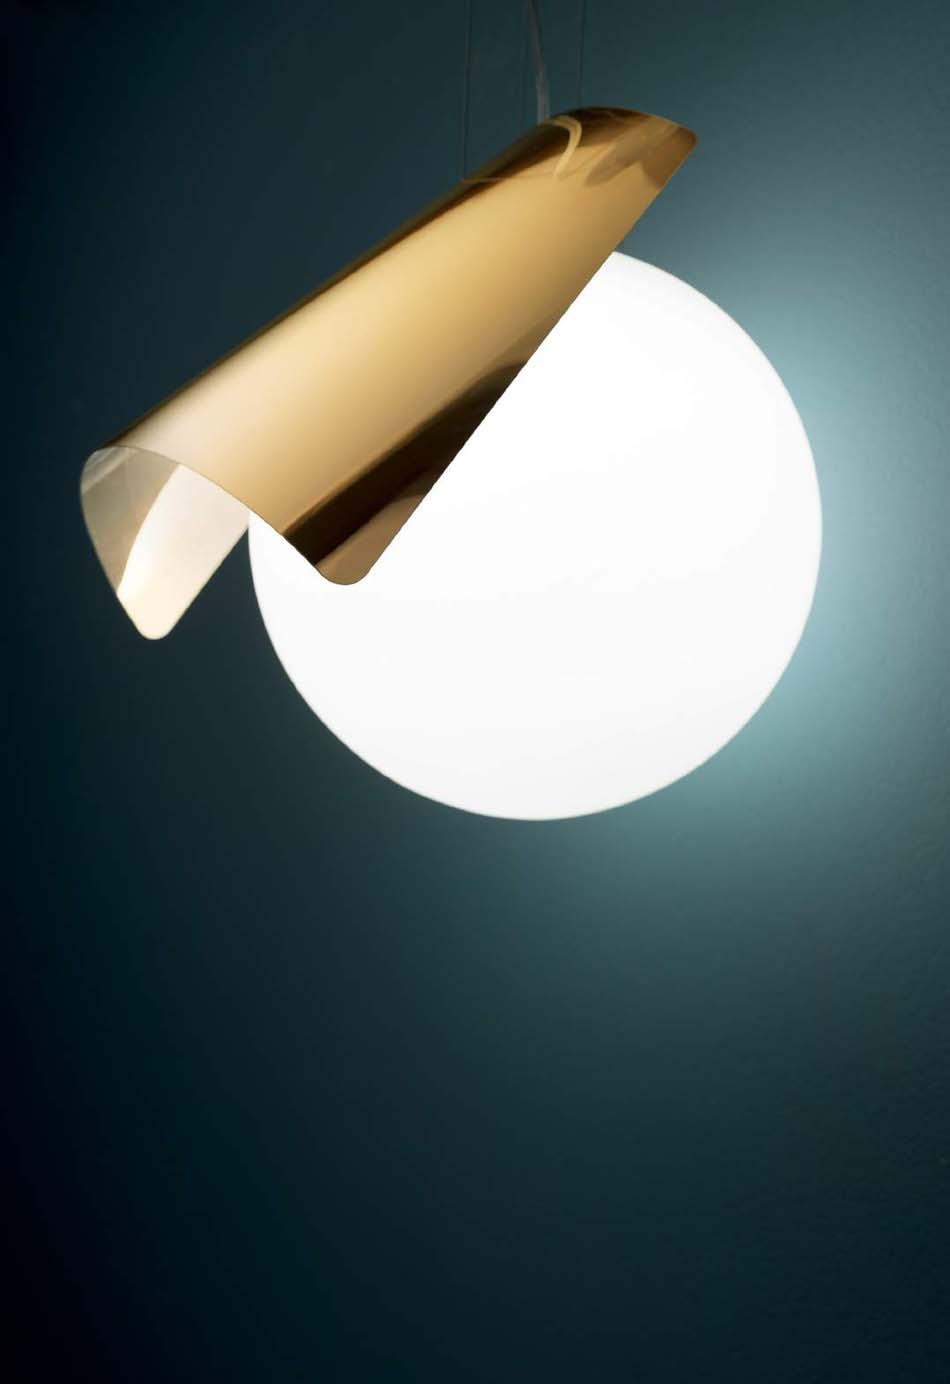 Lampade sospese Ideal Lux penombra – Toscana Arredamenti